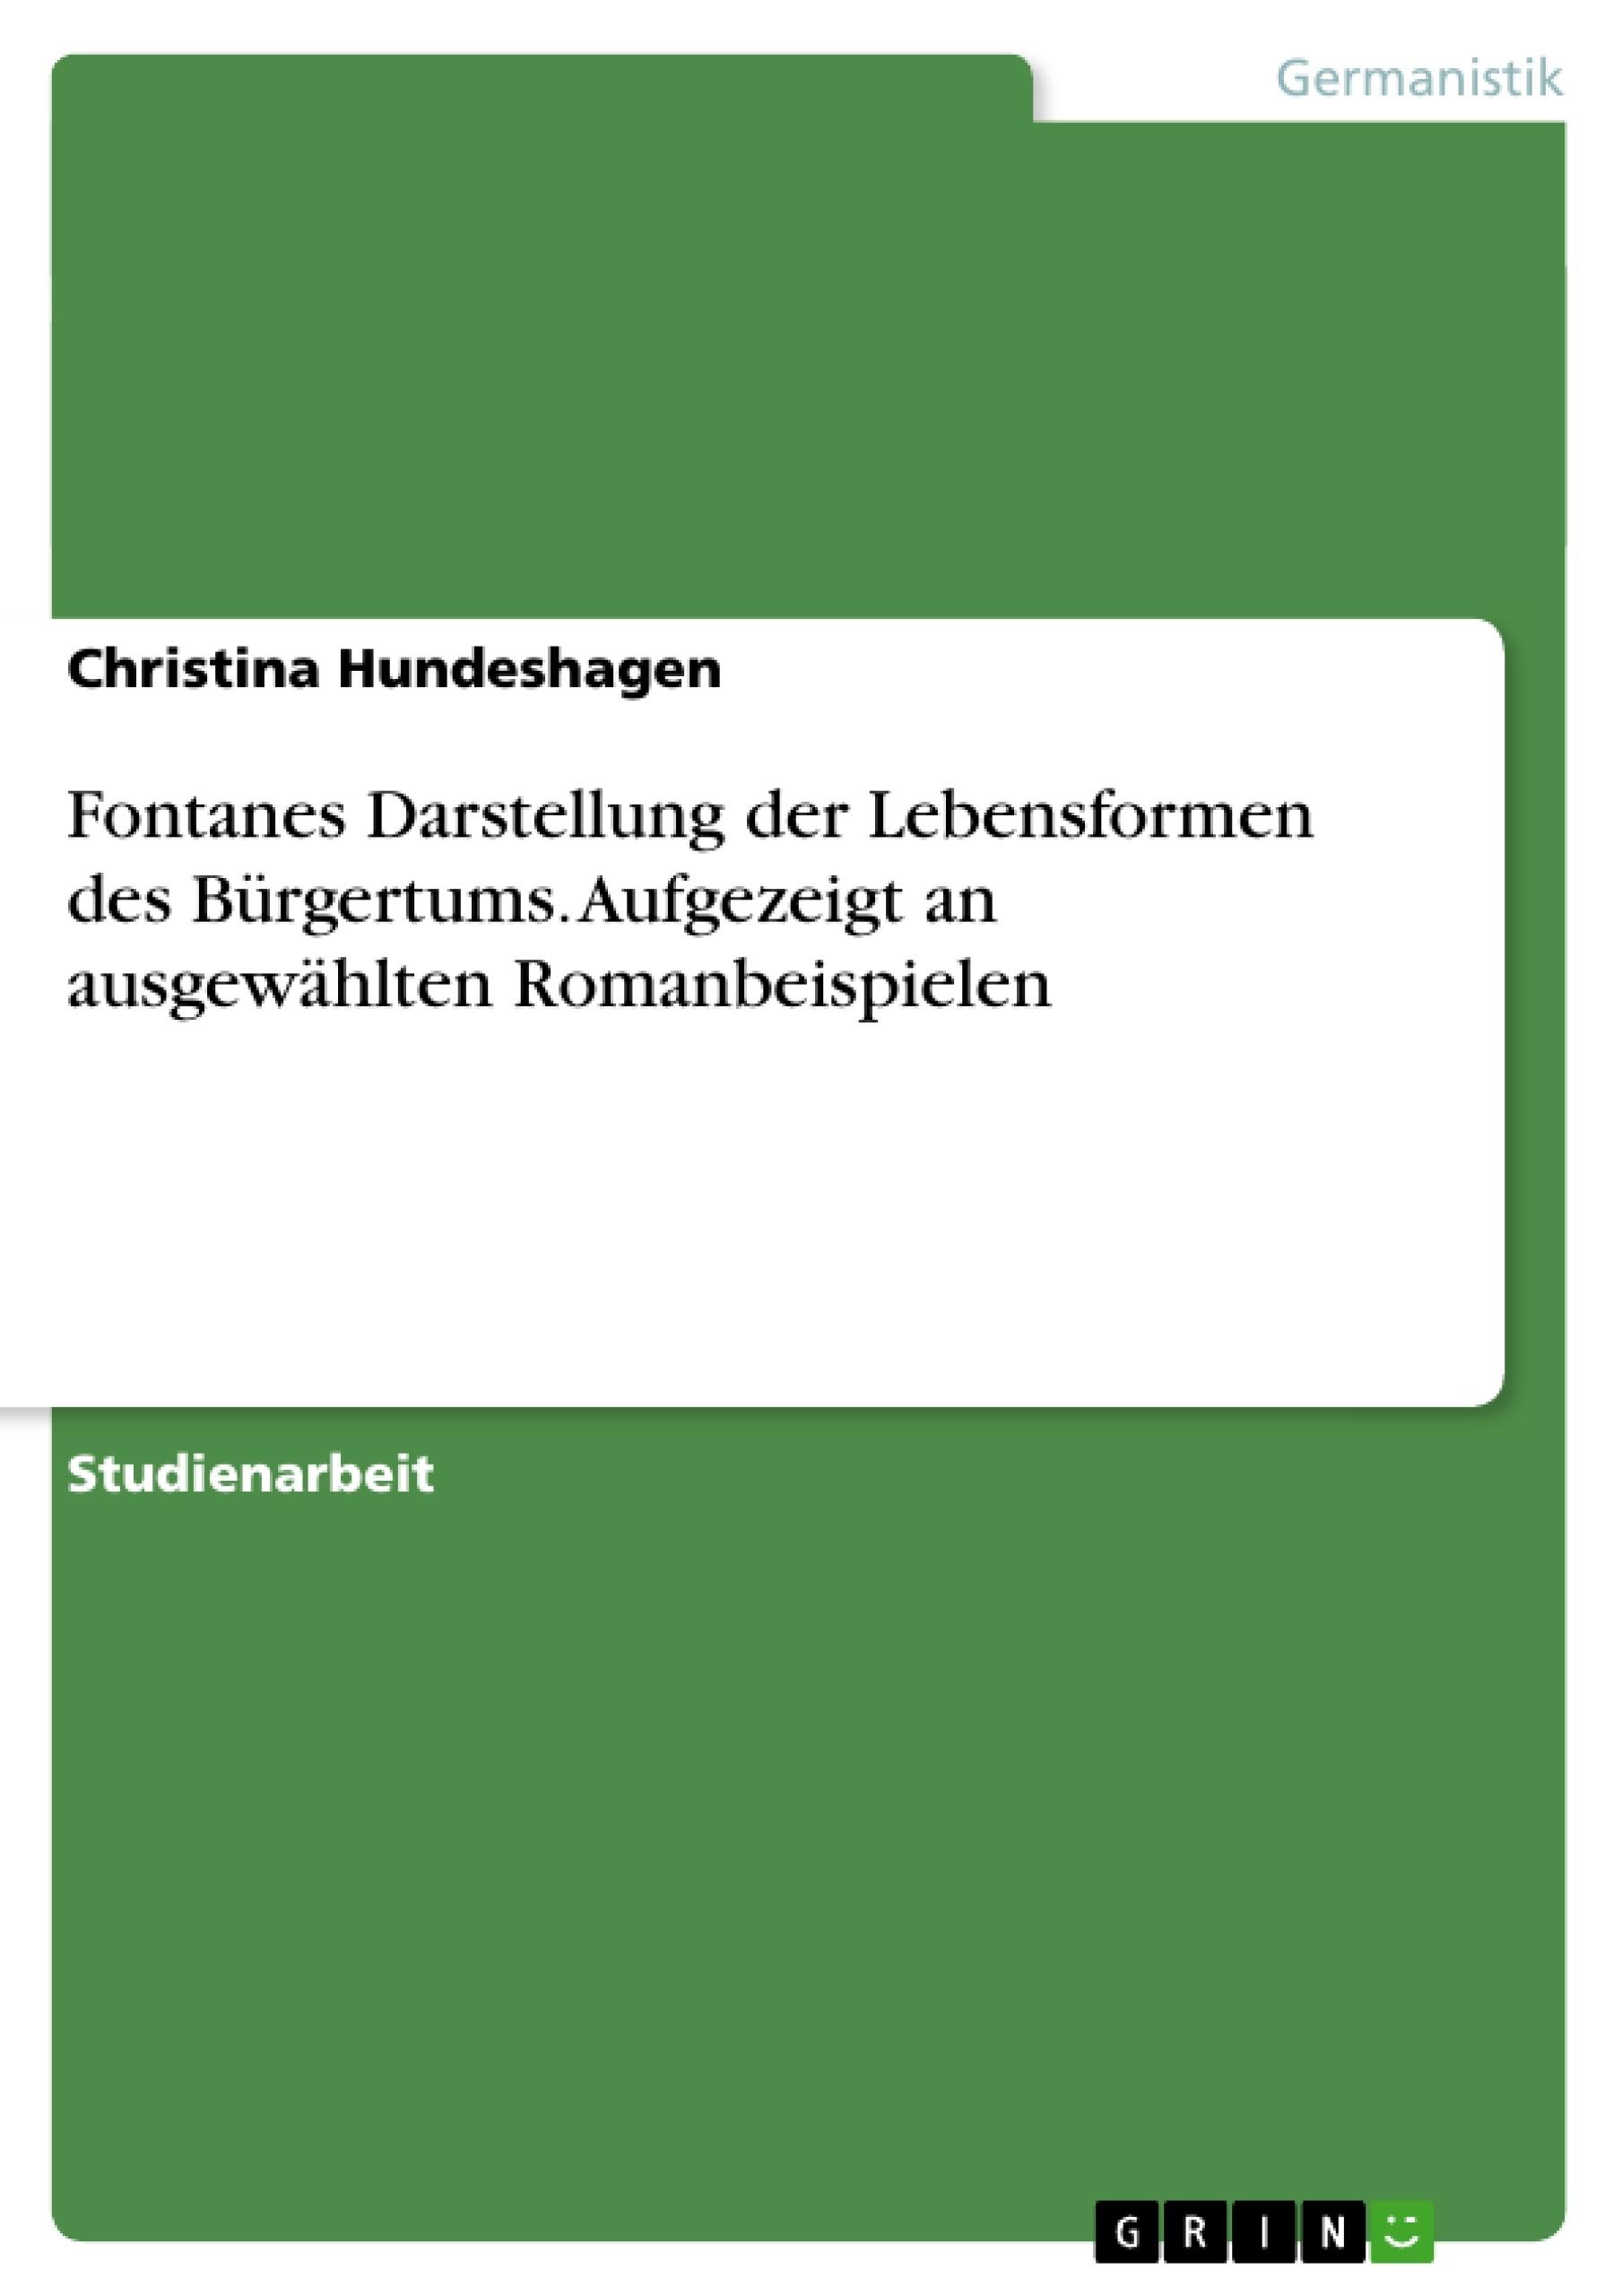 Titel: Fontanes Darstellung der Lebensformen des Bürgertums. Aufgezeigt an ausgewählten Romanbeispielen